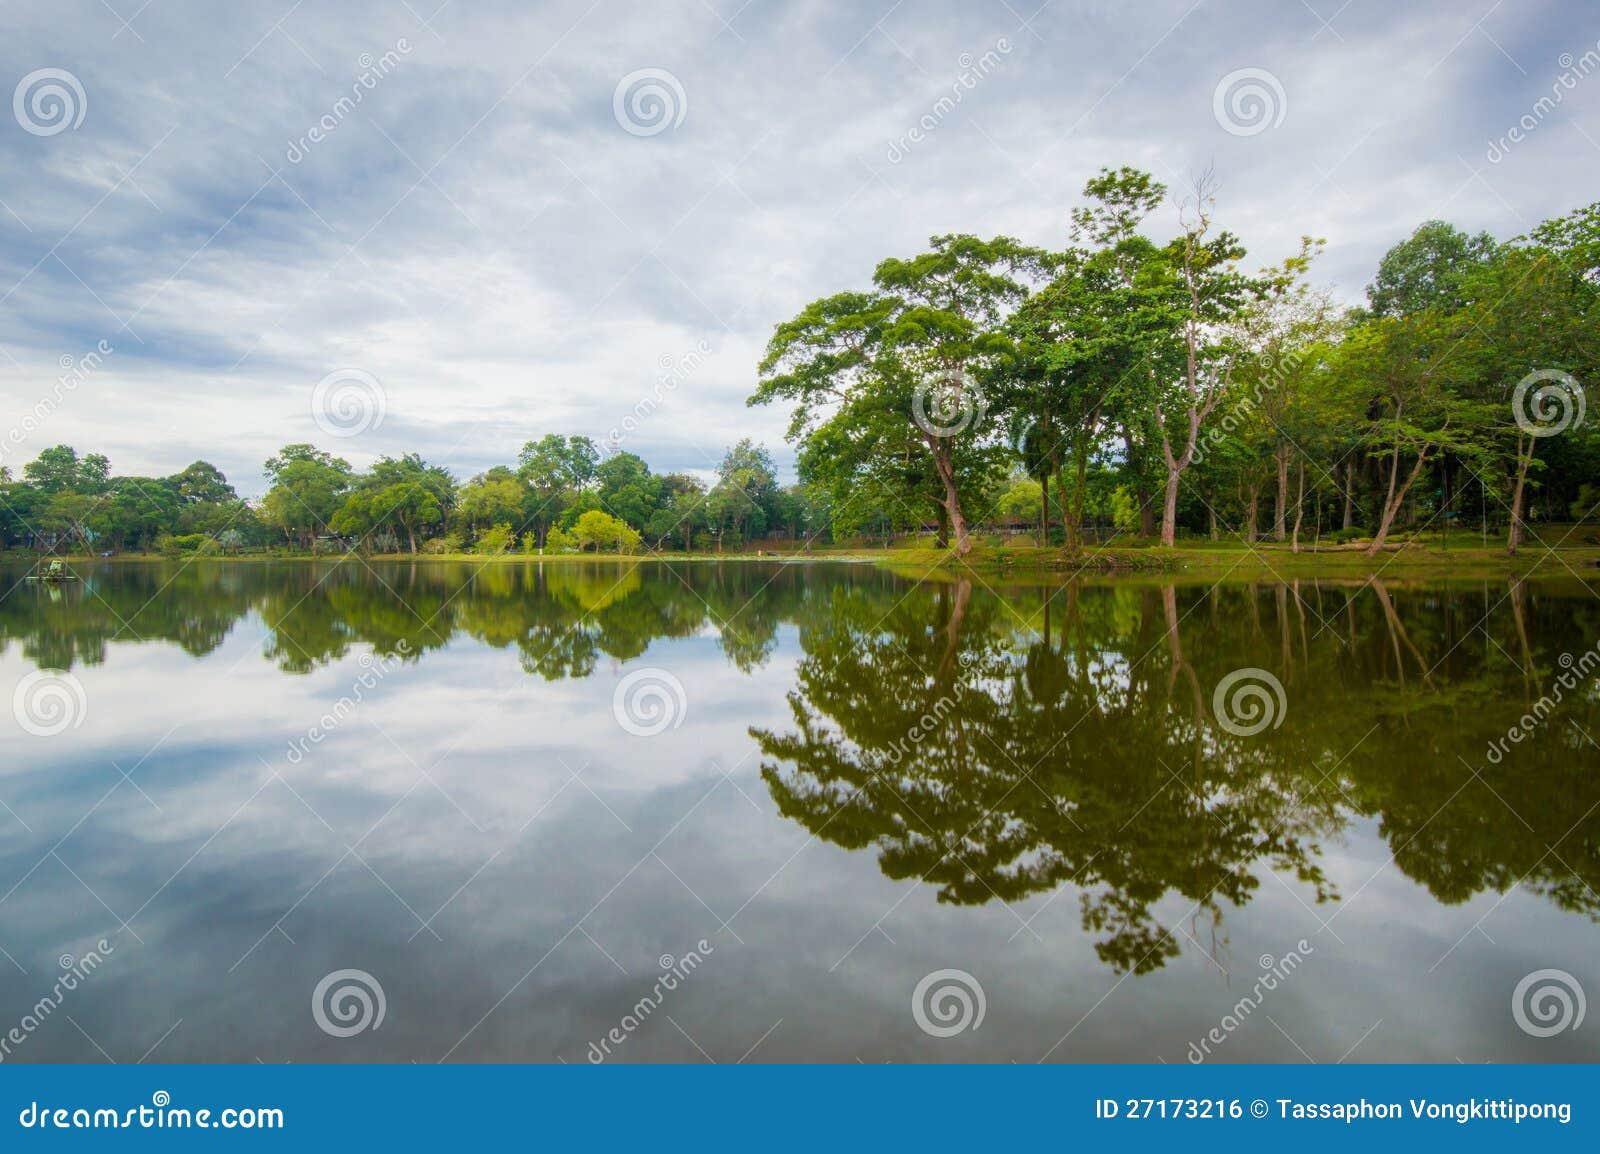 Groen boompark met bezinning over het water stock foto afbeelding 27173216 - Groen behang van het water ...